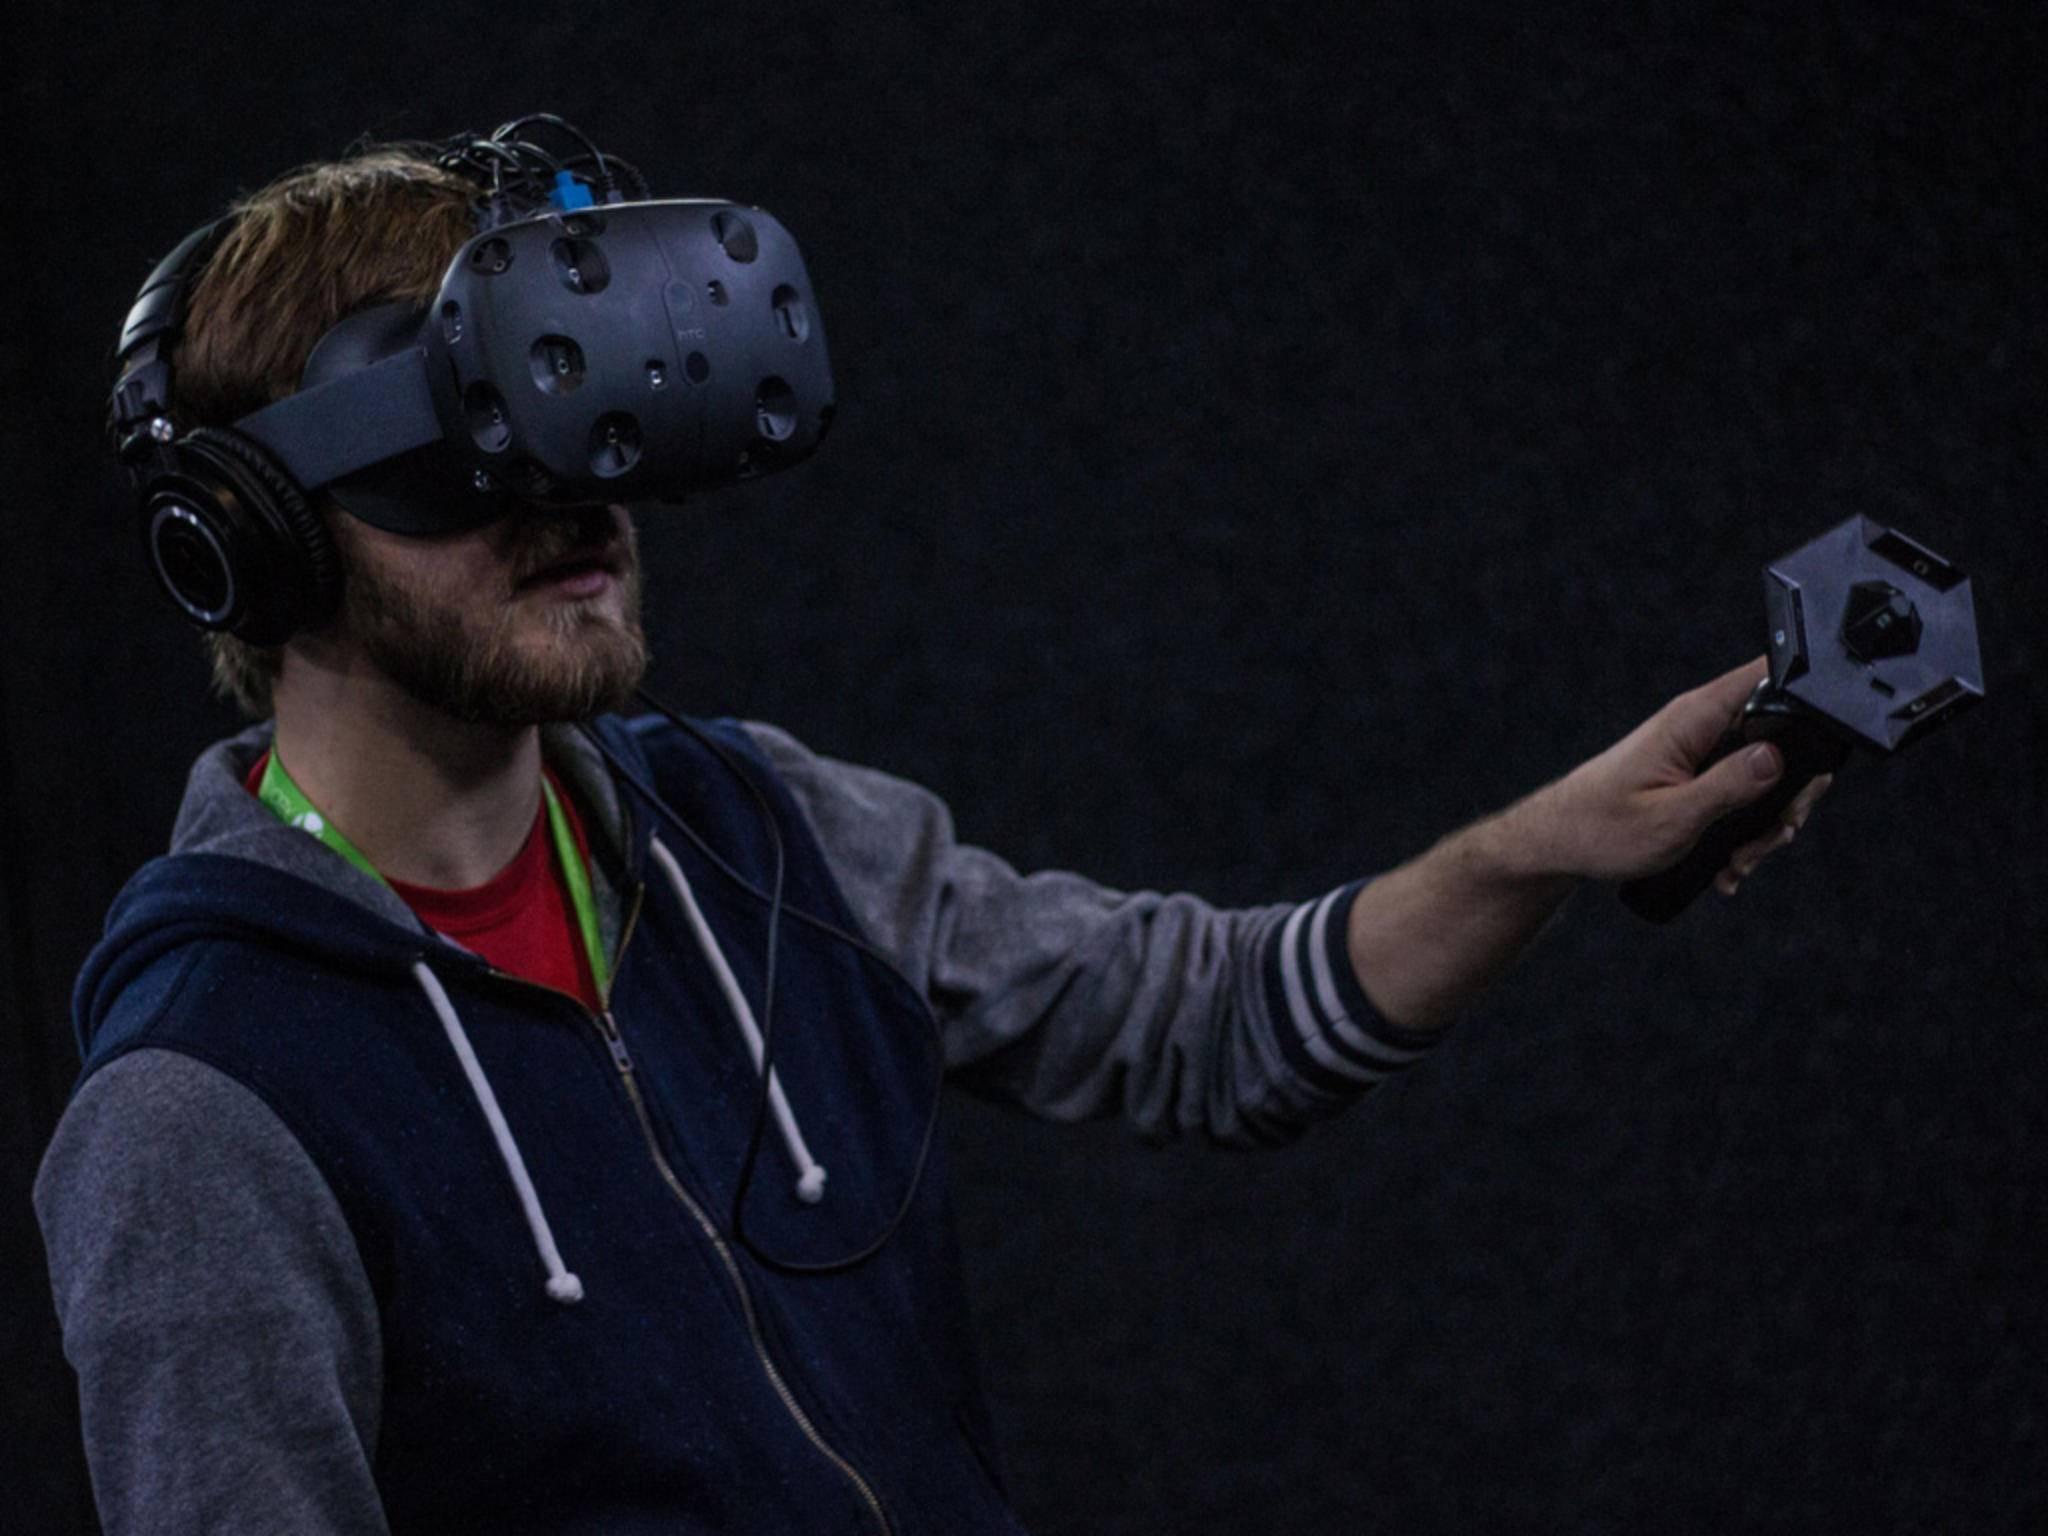 Die HTC Vive ist eine Virtual Reality-Brille, die mit Controllern ausgeliefert werden wird.